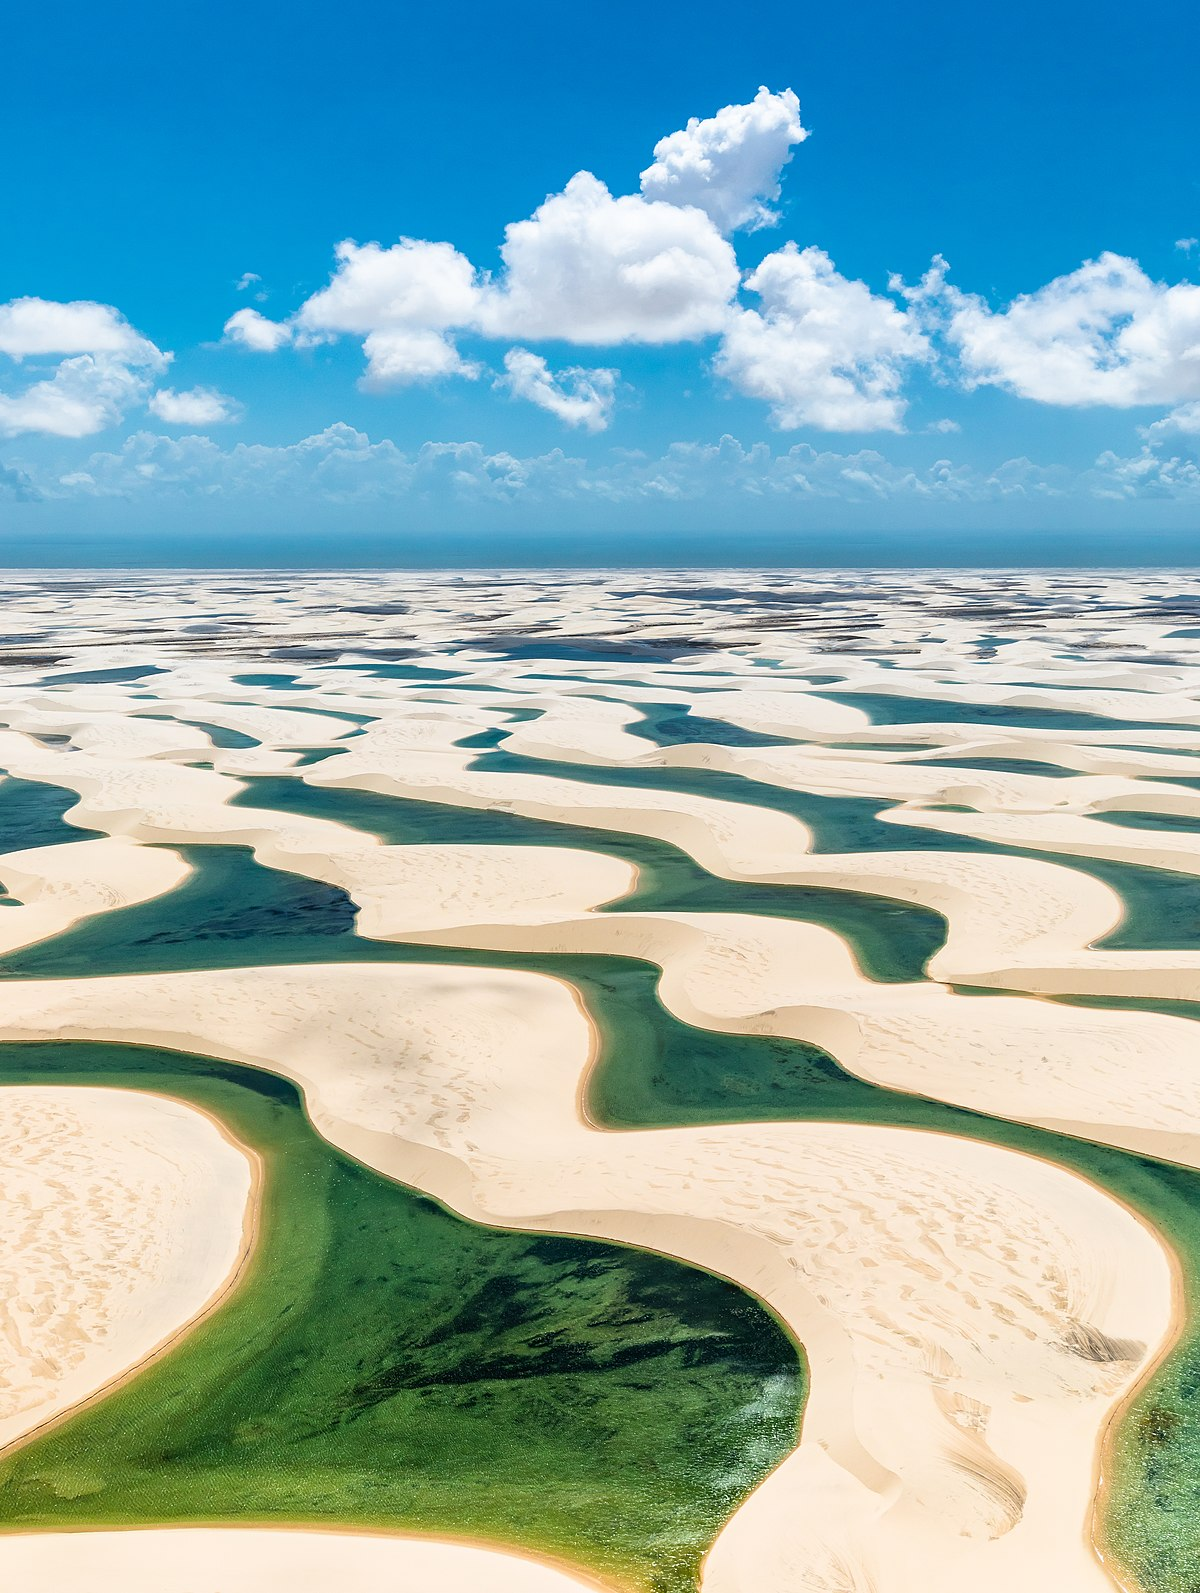 הפארק הלאומי Lençóis Maranhenses, Maranhão, ברזיל